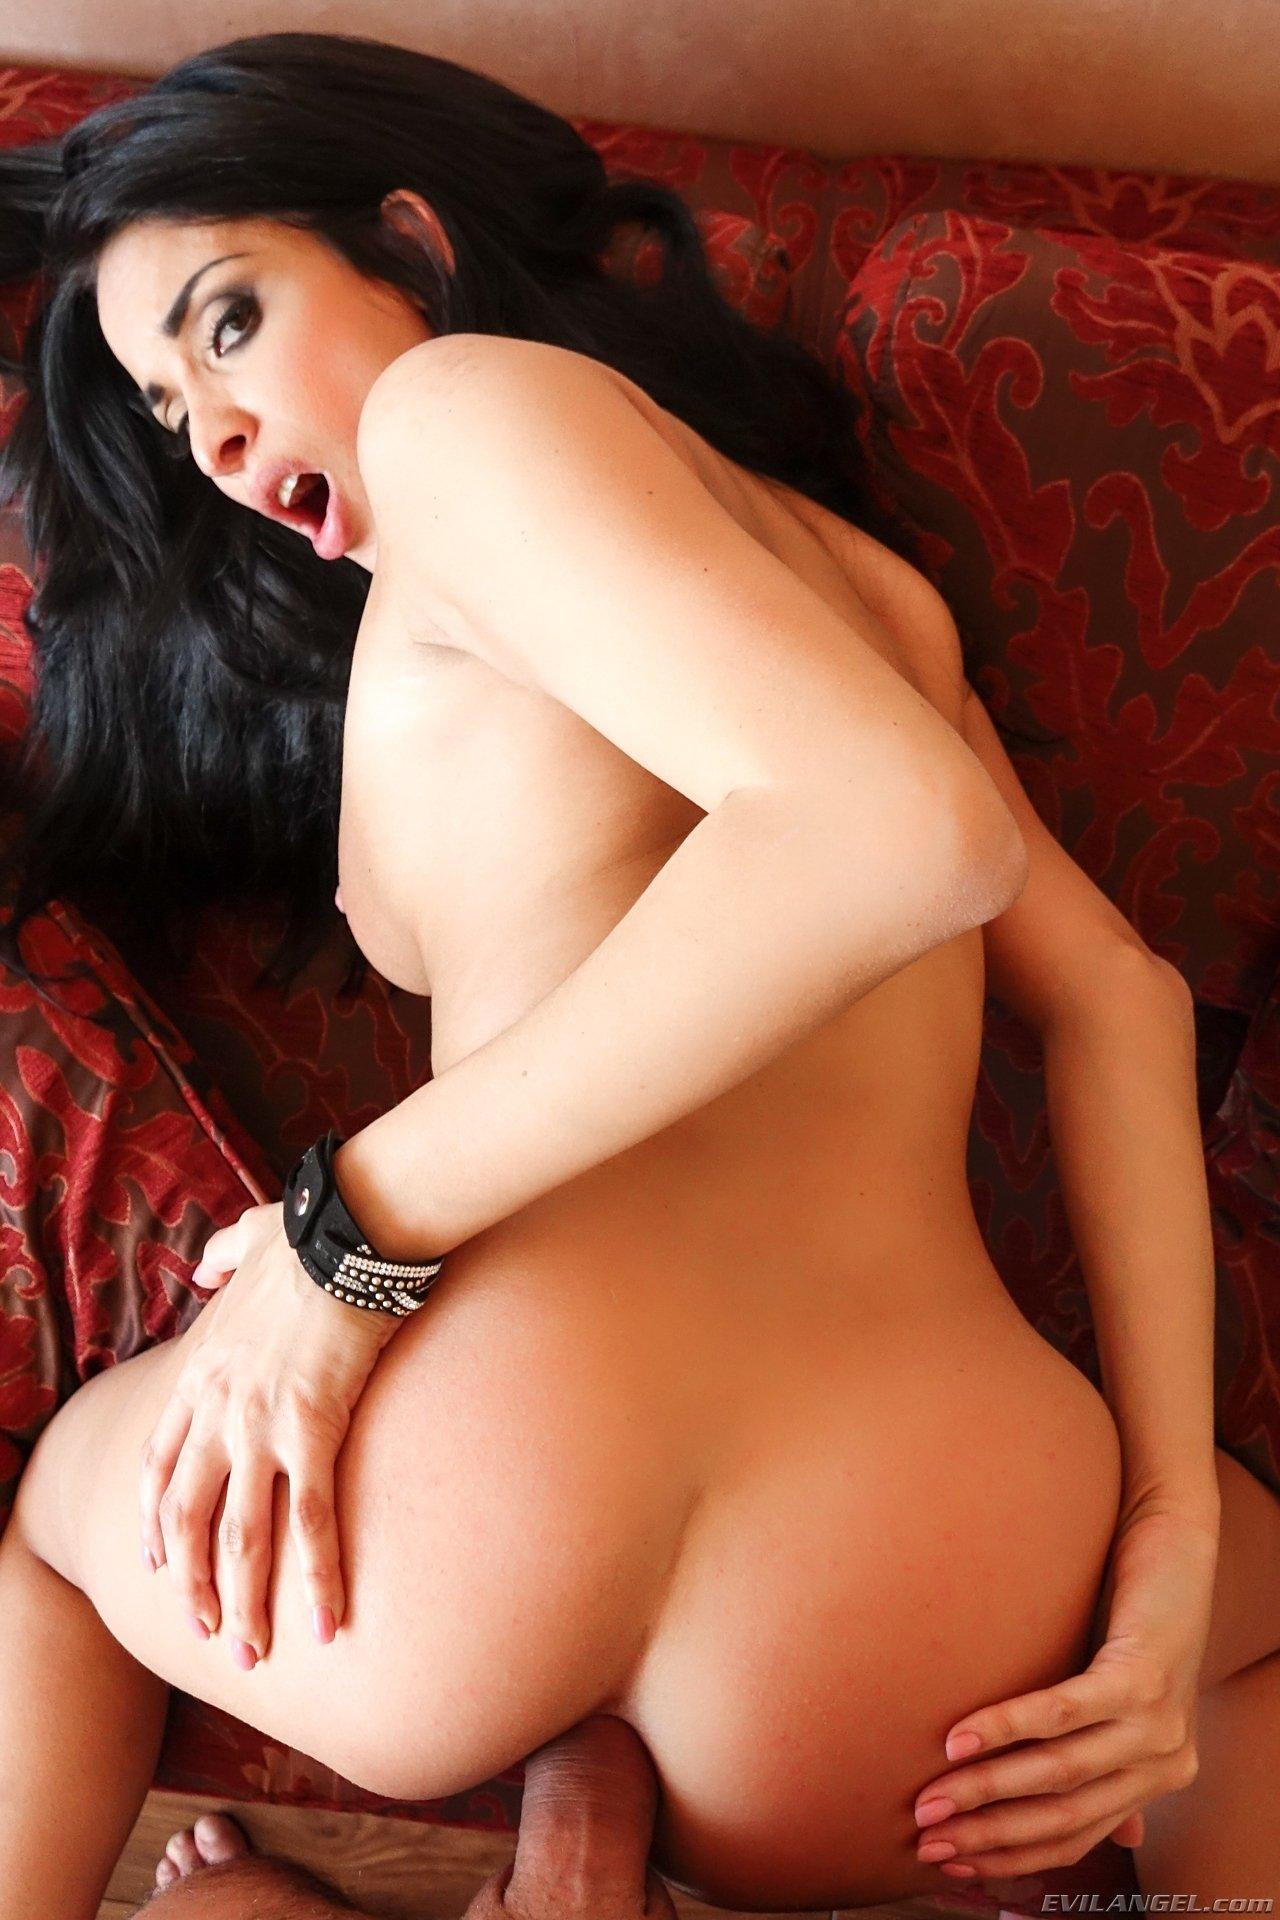 Шикарная брюнетка подставляет все свои дырочки для классного траха, а затем разрешает кончить на грудь